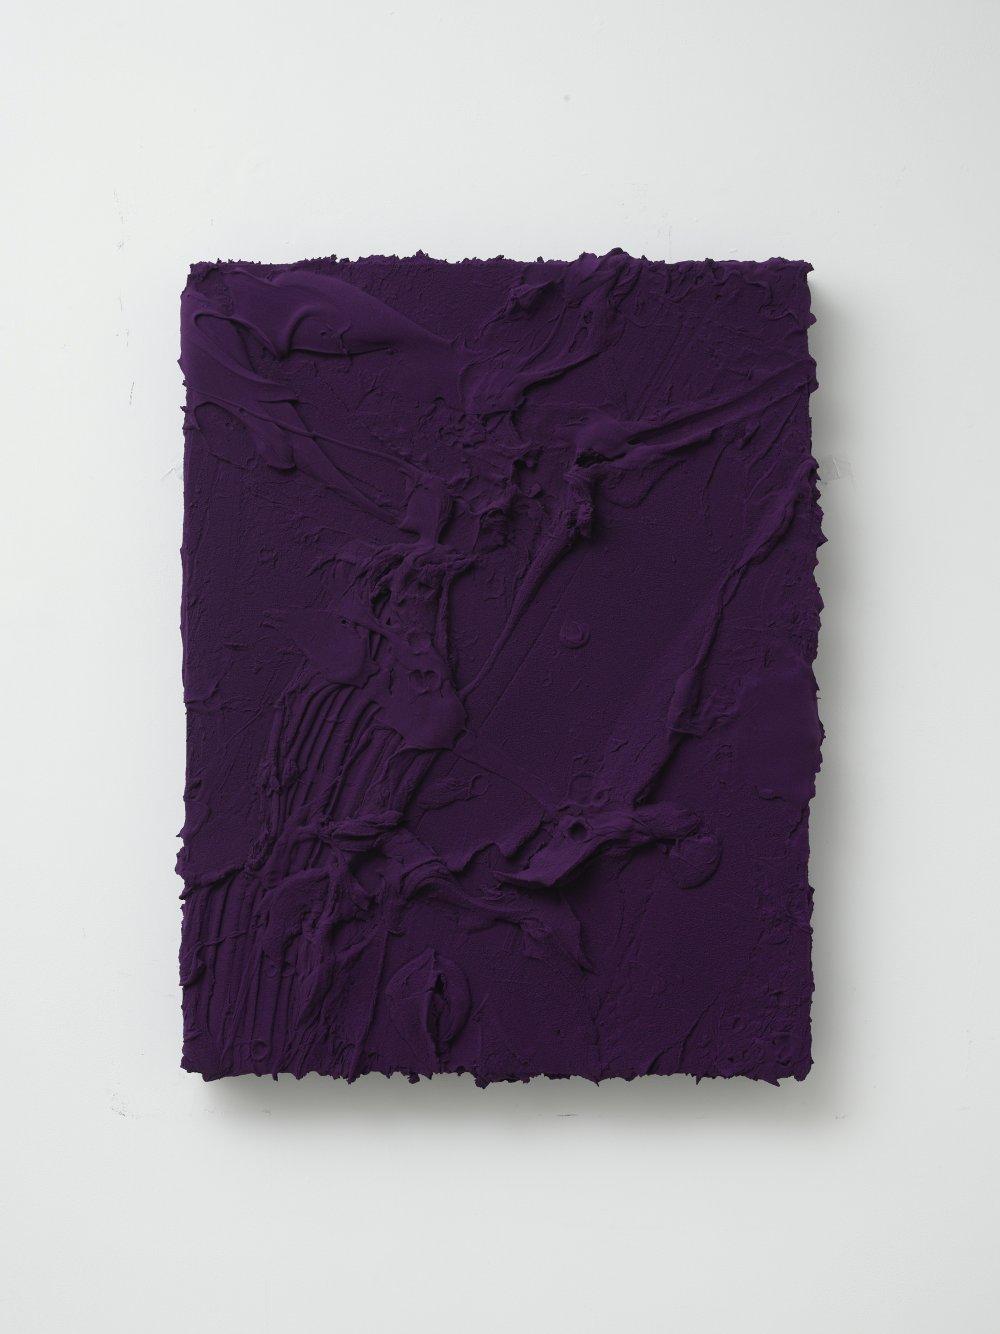 Untitled (Cobalt violet)